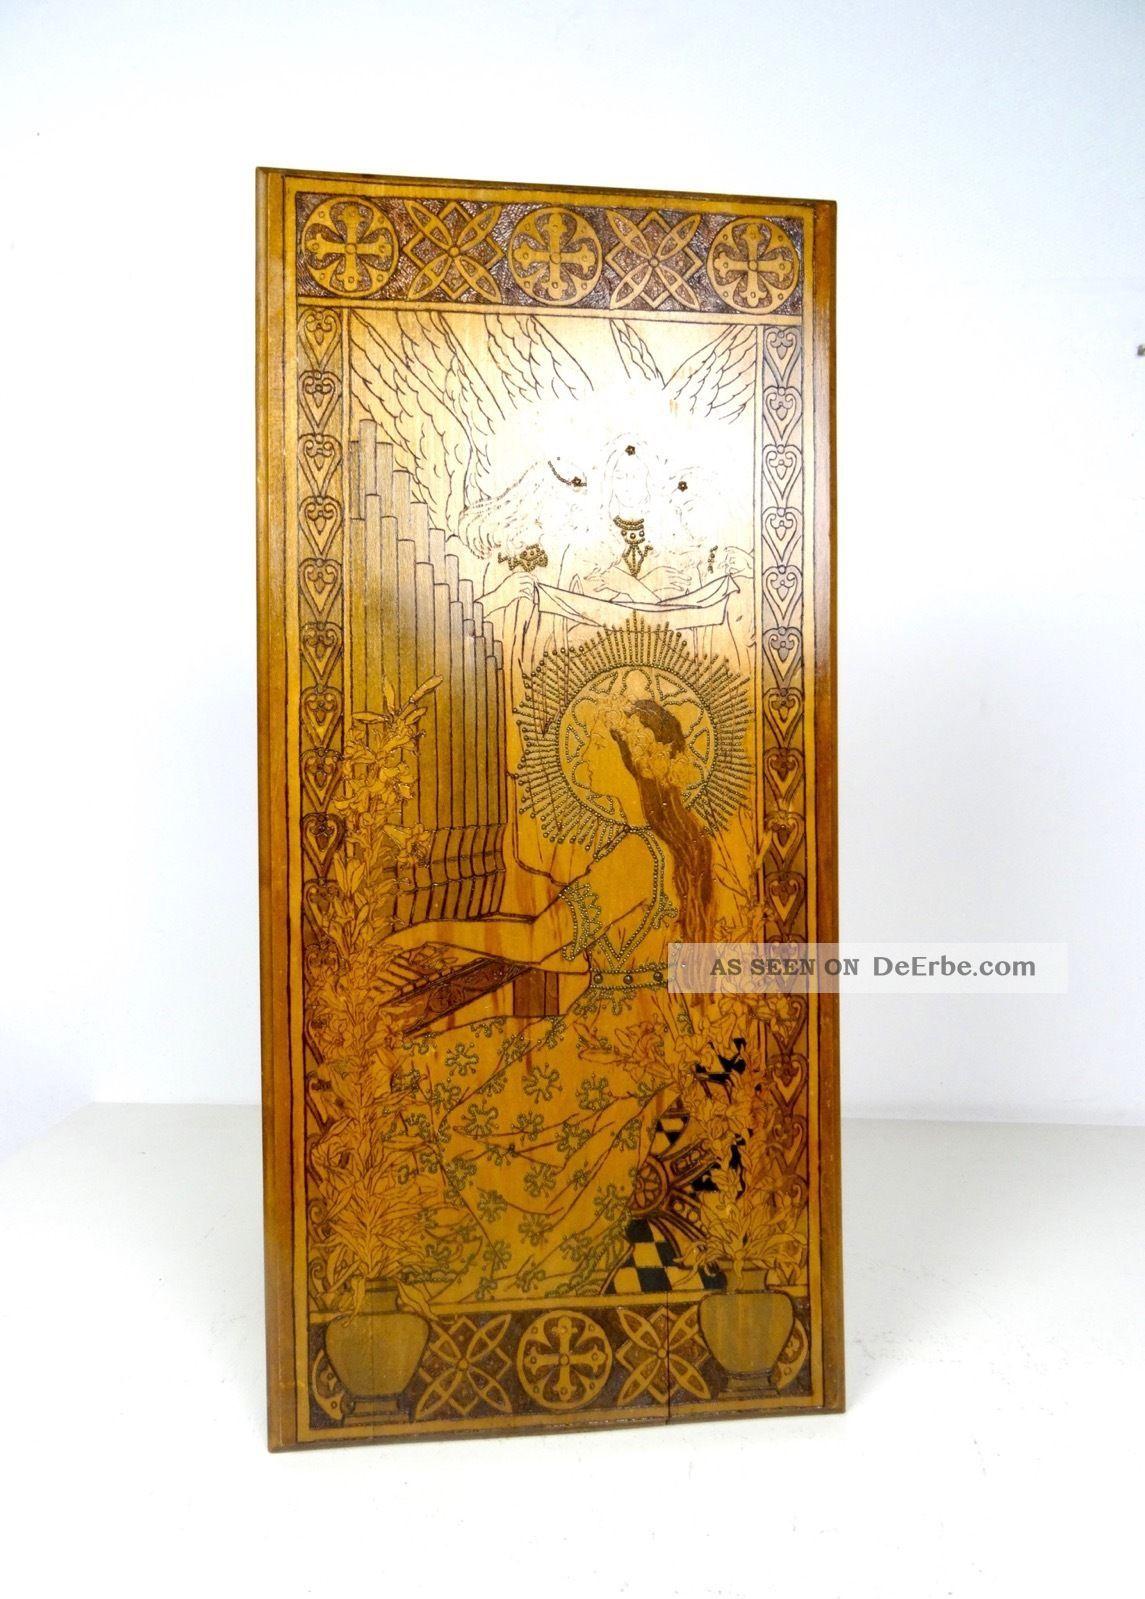 Seltenes Jugendstil Brand Malerei Holz Bild GemÄlde Antik Mucha Lautrec Klimt 1890-1919, Jugendstil Bild